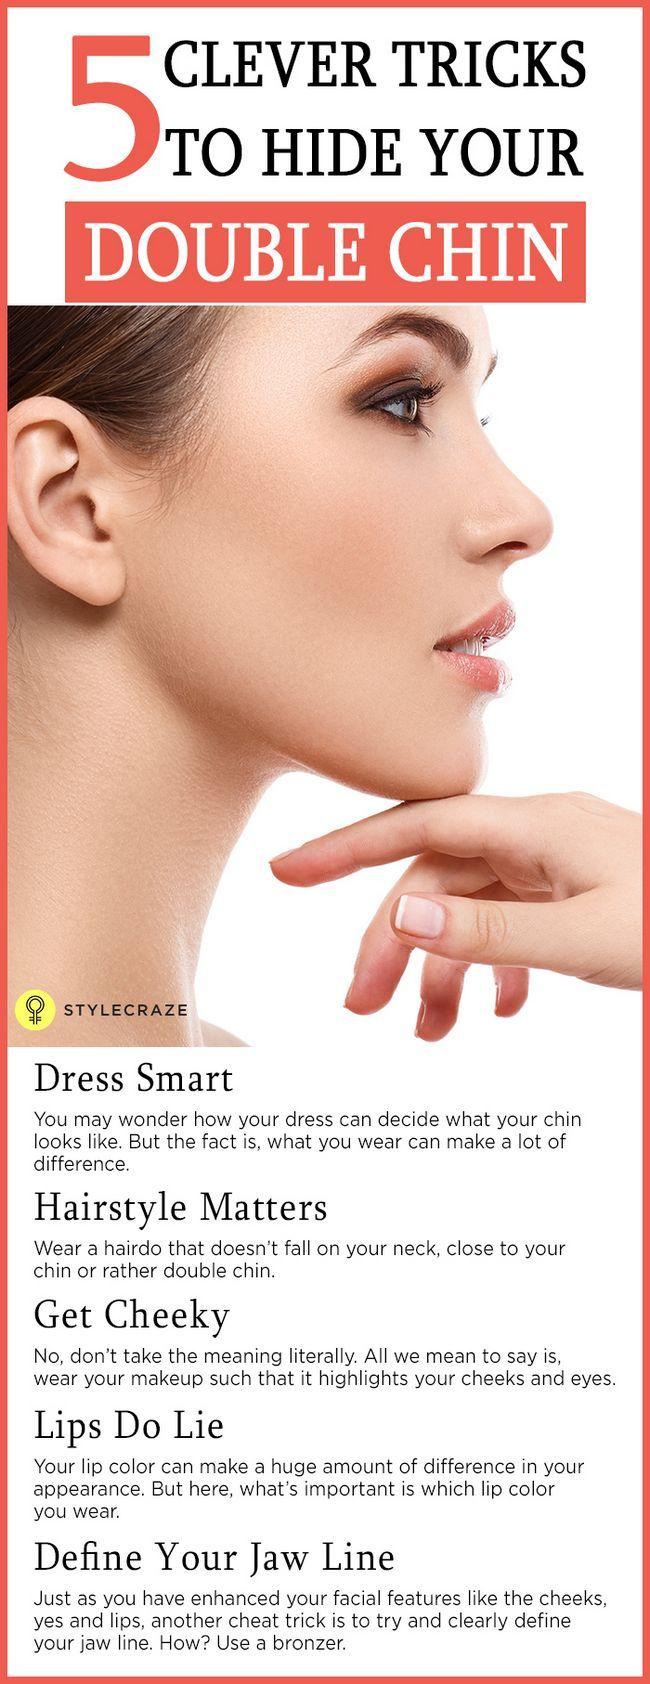 5 Clever Make-up Tricks, um Ihr Doppelkinn verstecken